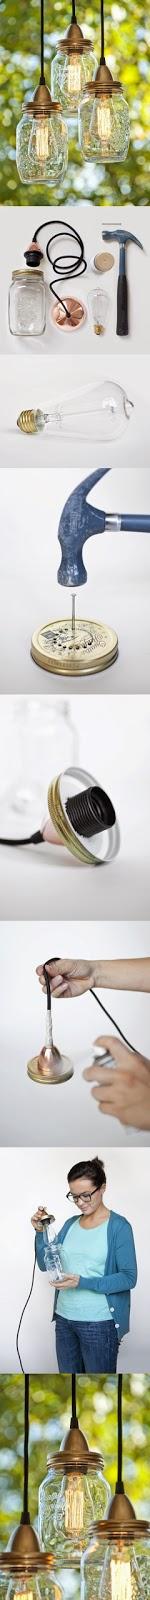 tutorial para convertir tarros de vidrio en lamparas